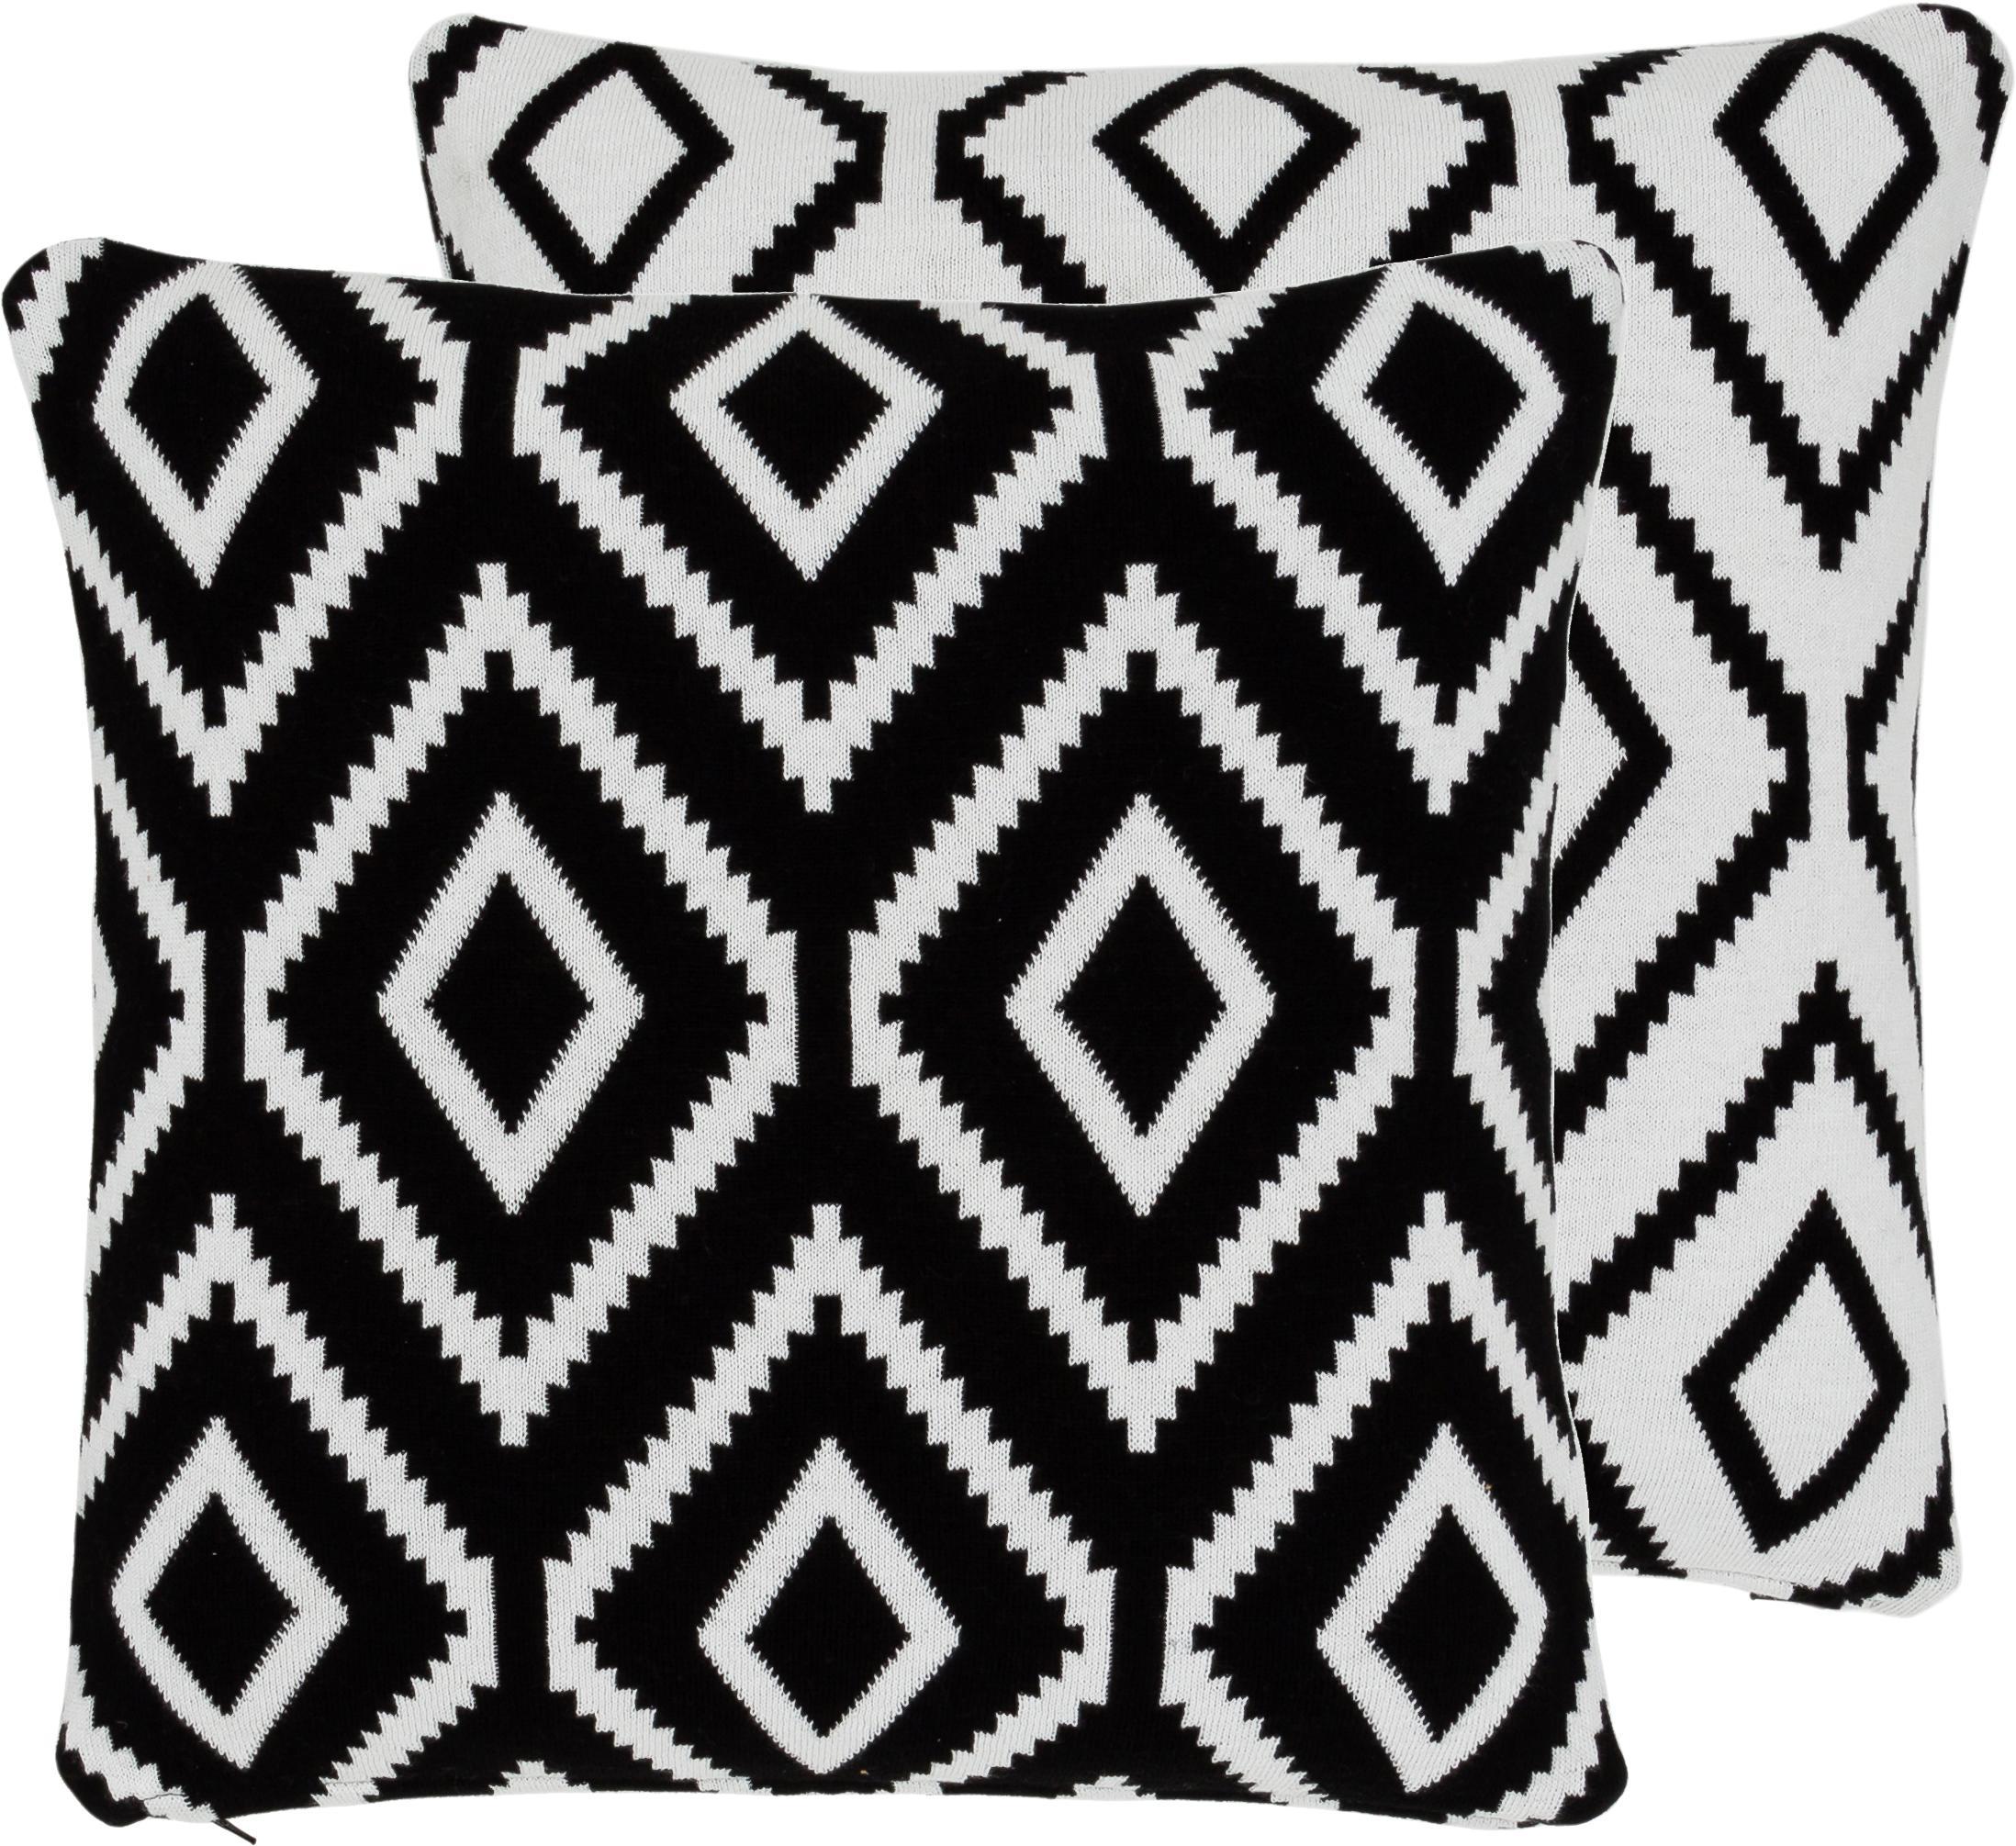 Funda de cojín de punto Chuck, caras distintas, 100%algodón, Negro, blanco crema, An 40 x L 40 cm